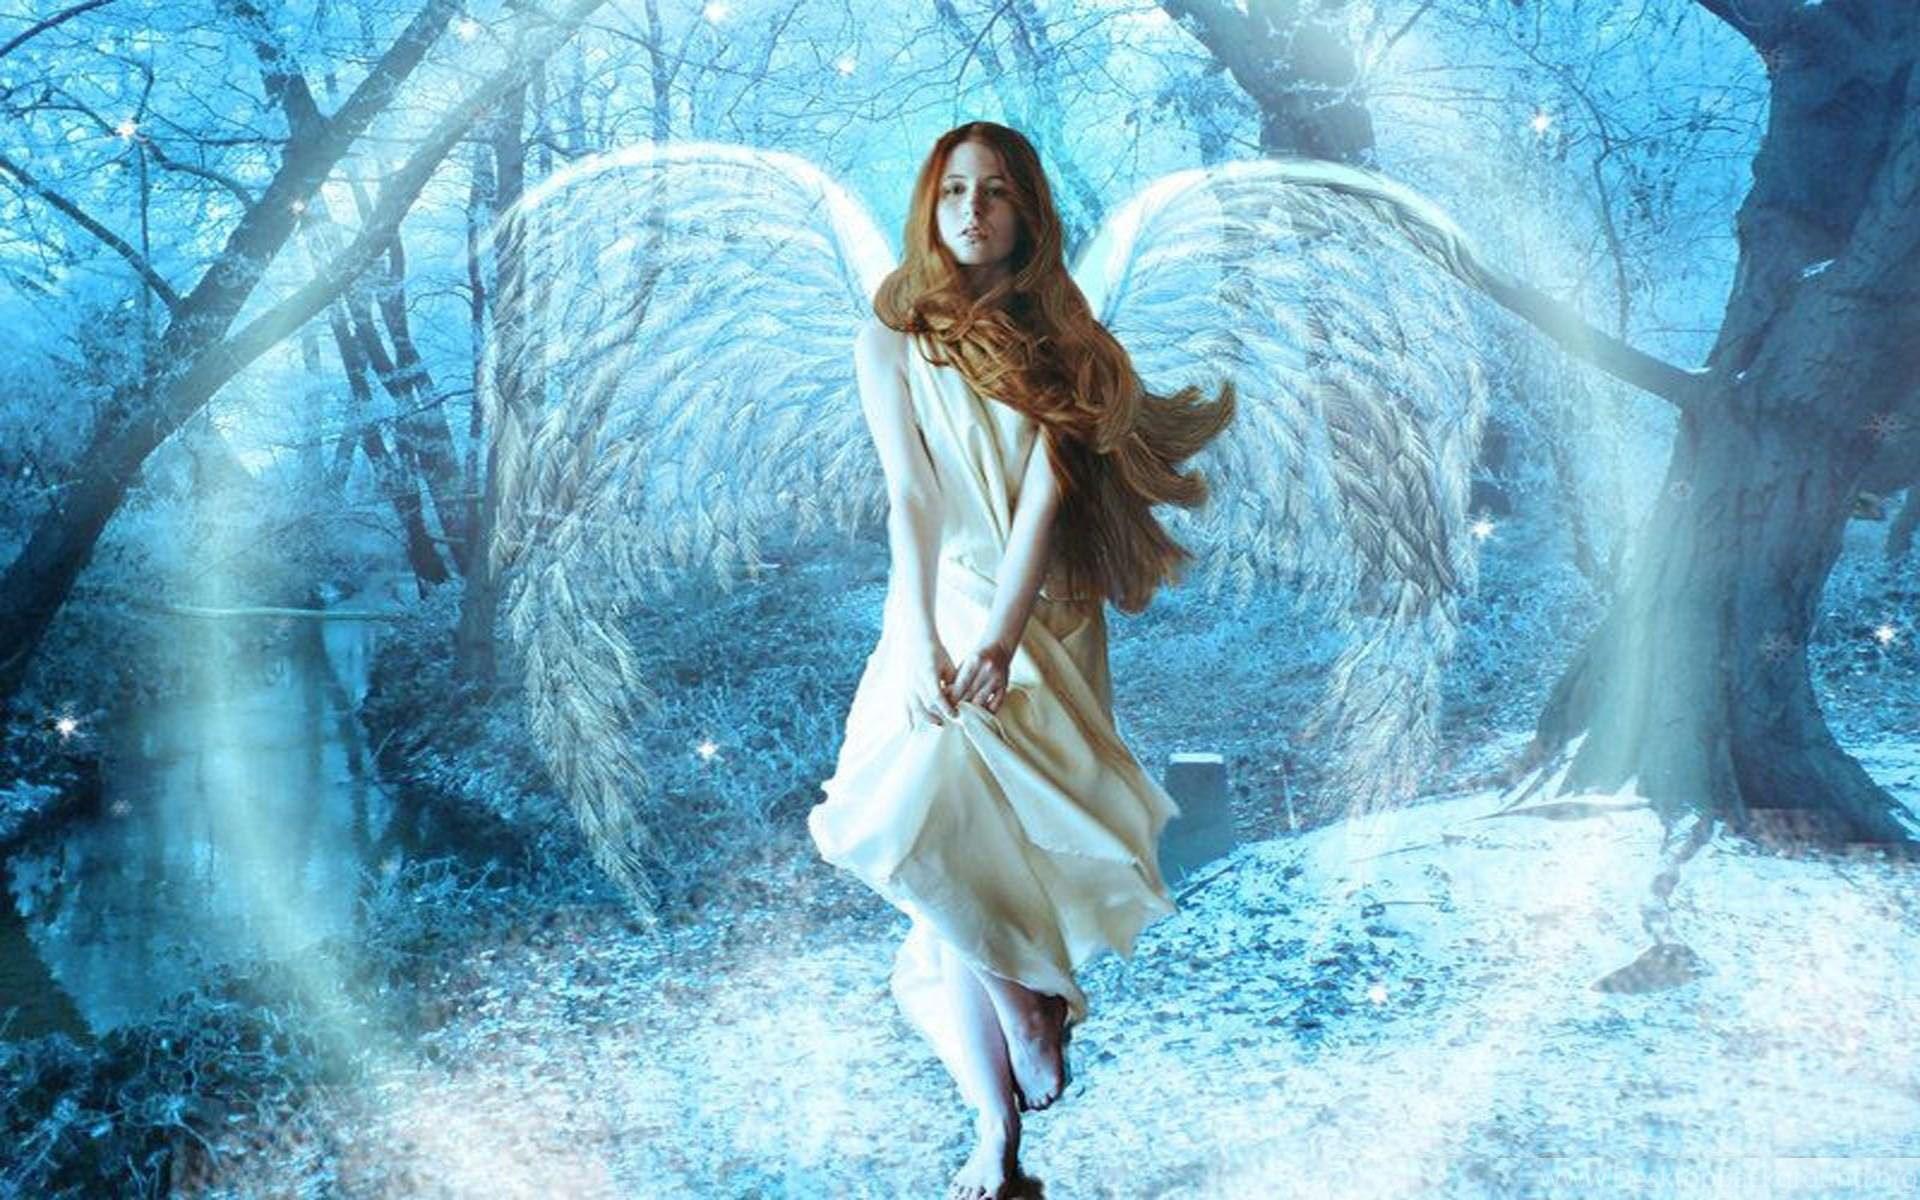 картинки фото ангелов обои - 10